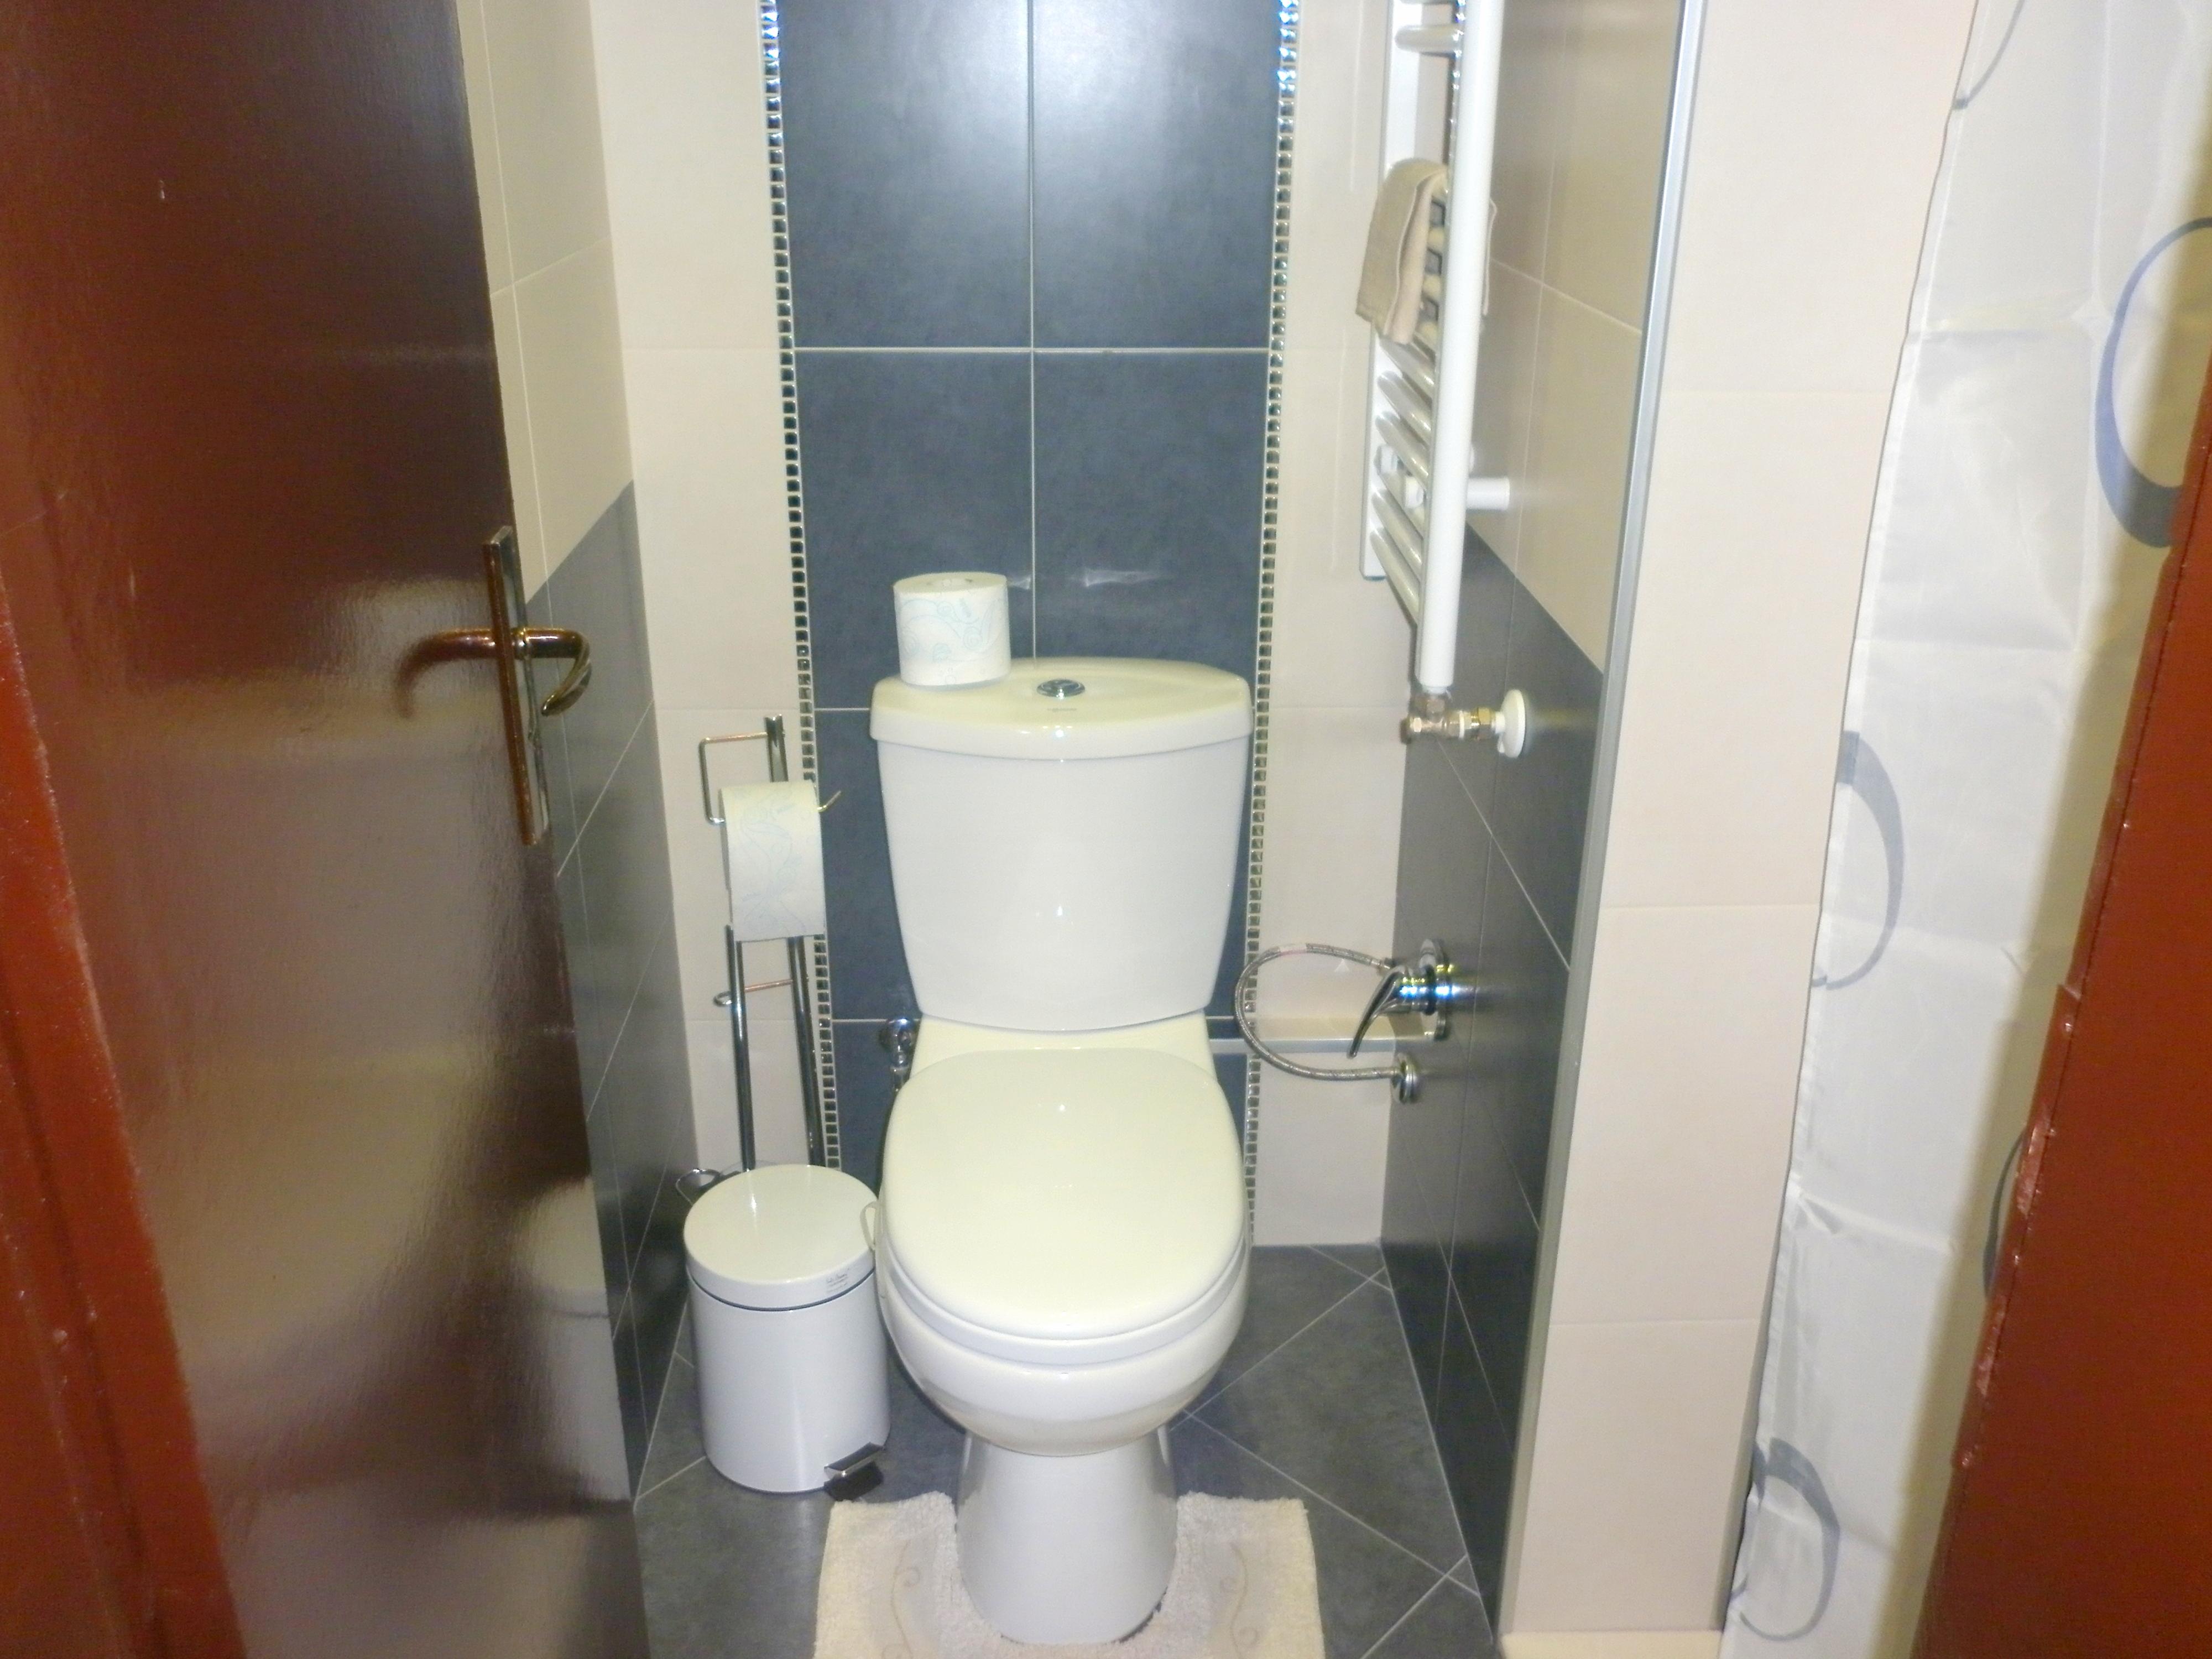 Къща за гости Златоград баня 2.2